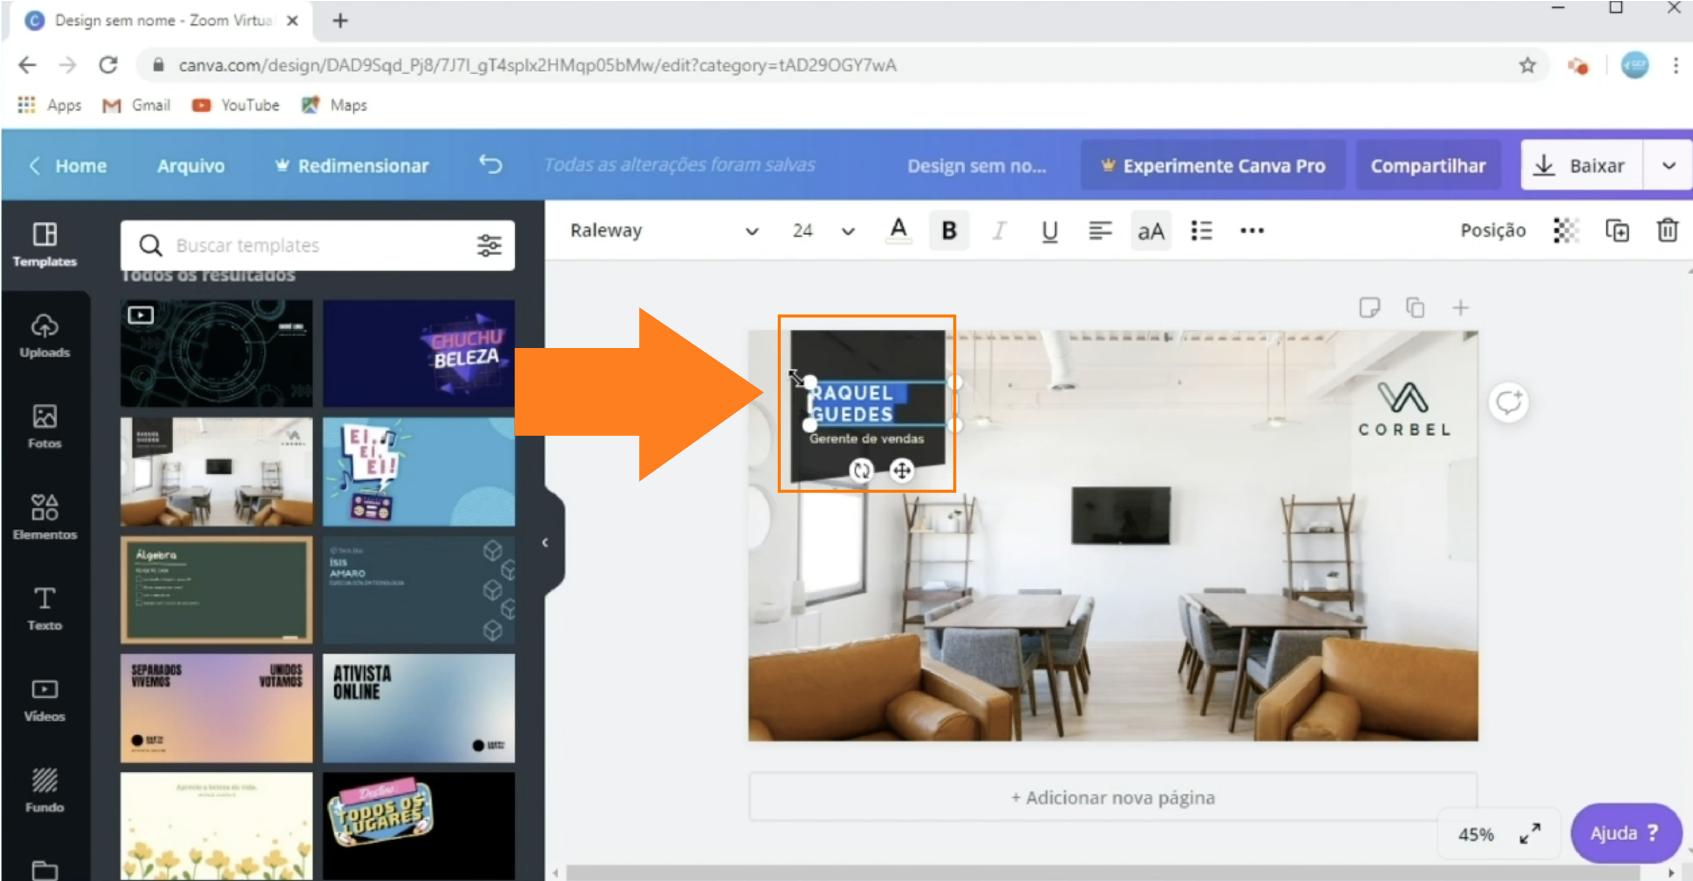 Imagem8 como criar um fundo virtual personalizado para o Zoom